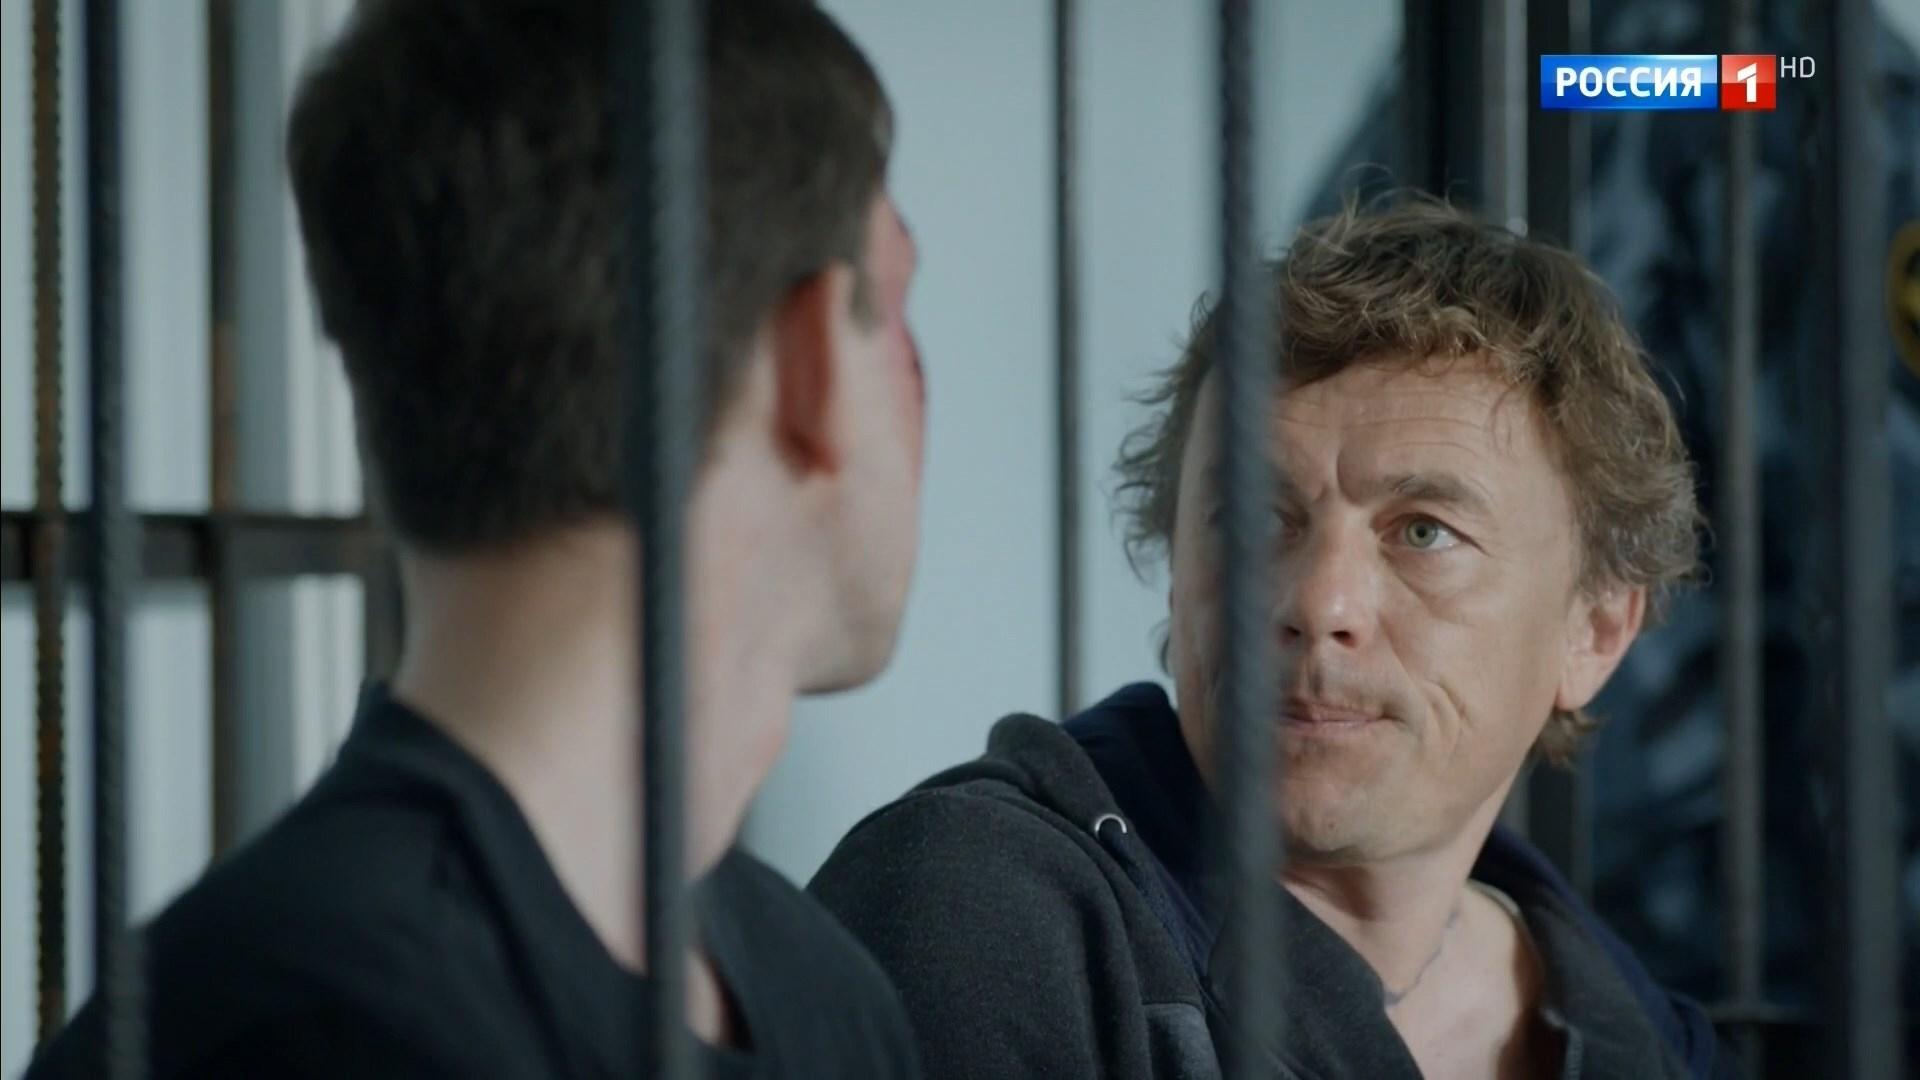 Изображение для Доктор Рихтер. Продолжение / Сезон 2, Серия 1-16 из 16 (2018) HDTV 1080p (кликните для просмотра полного изображения)